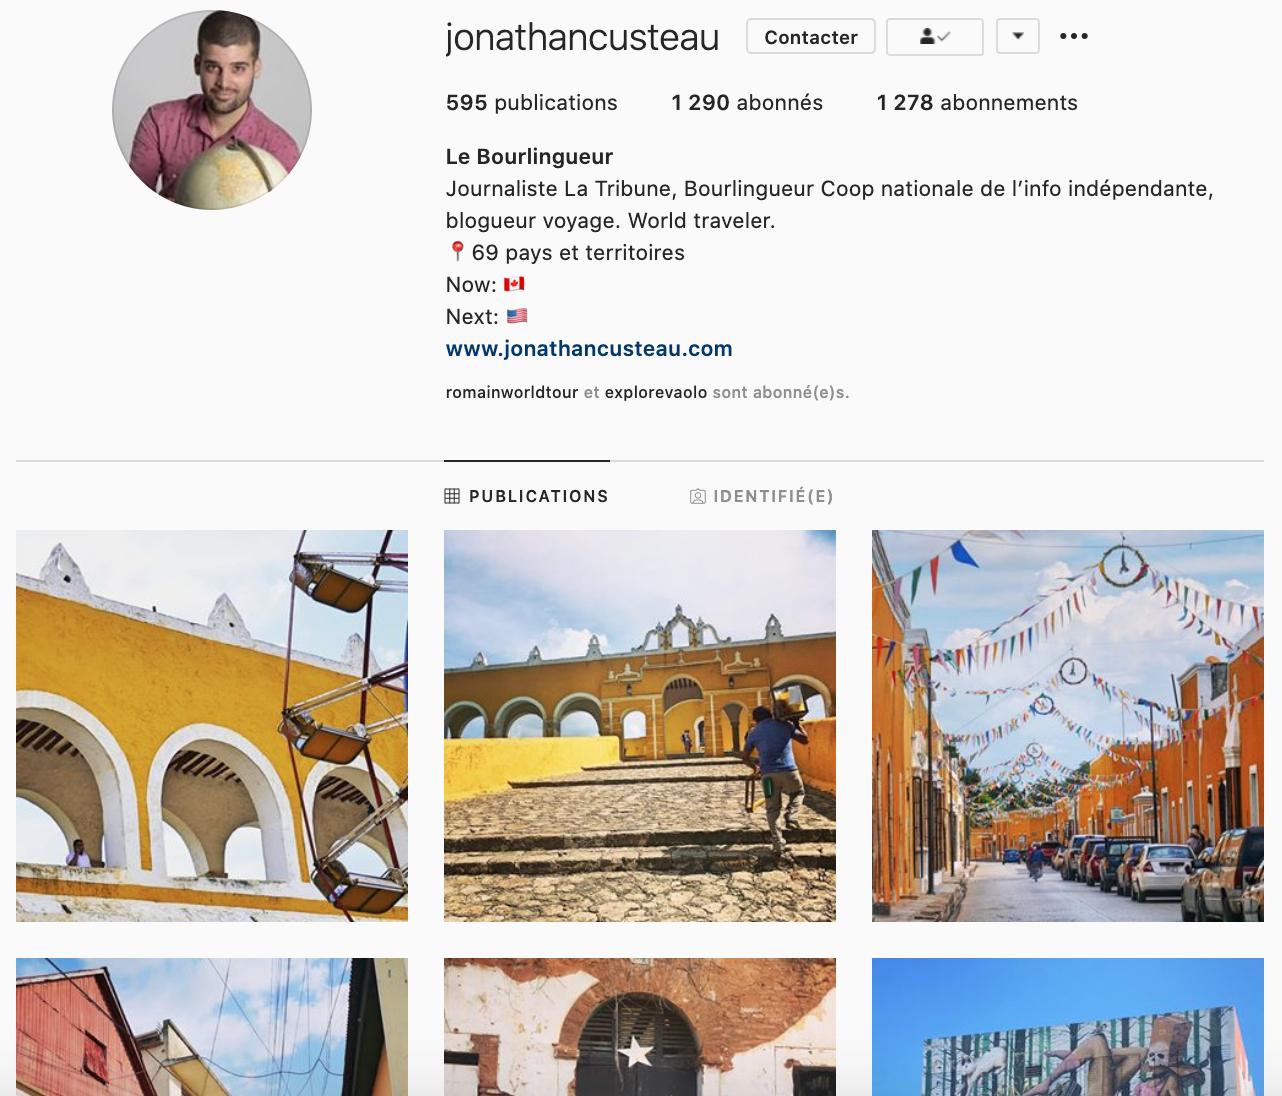 voyageur Jonathan Custeau le bourlingueur